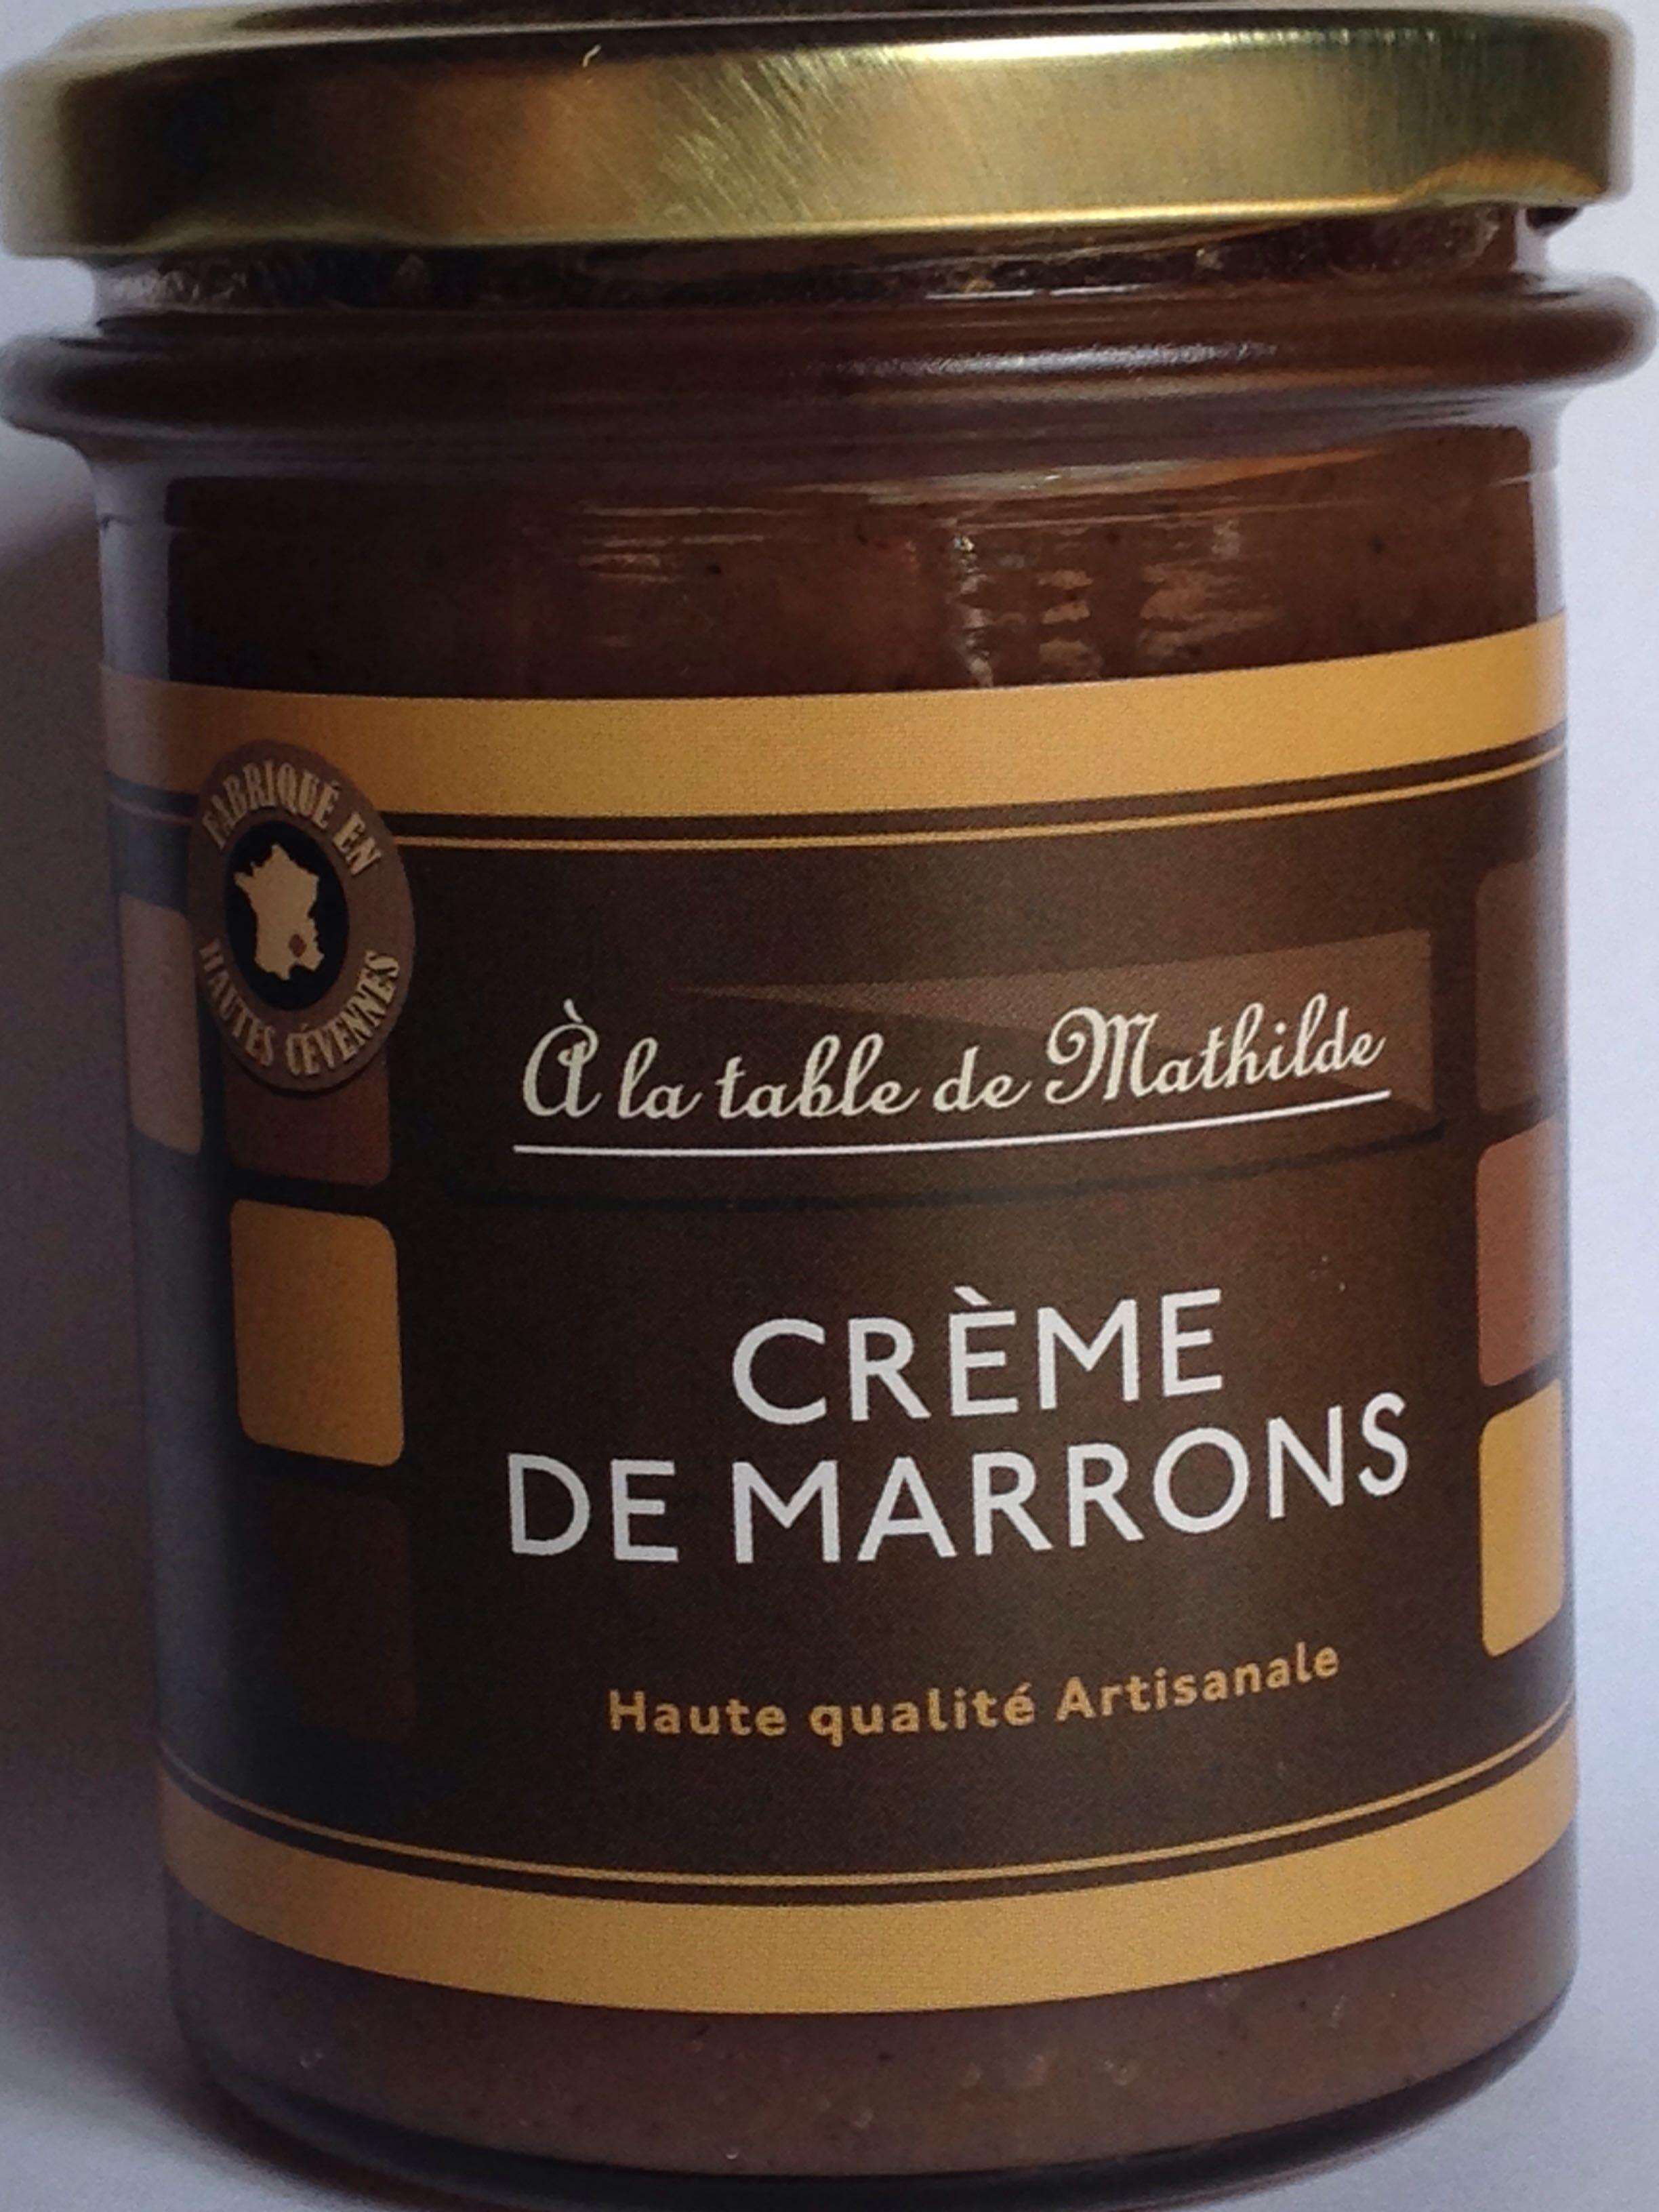 Crème de marrons Haute qualité Artisanale - Produit